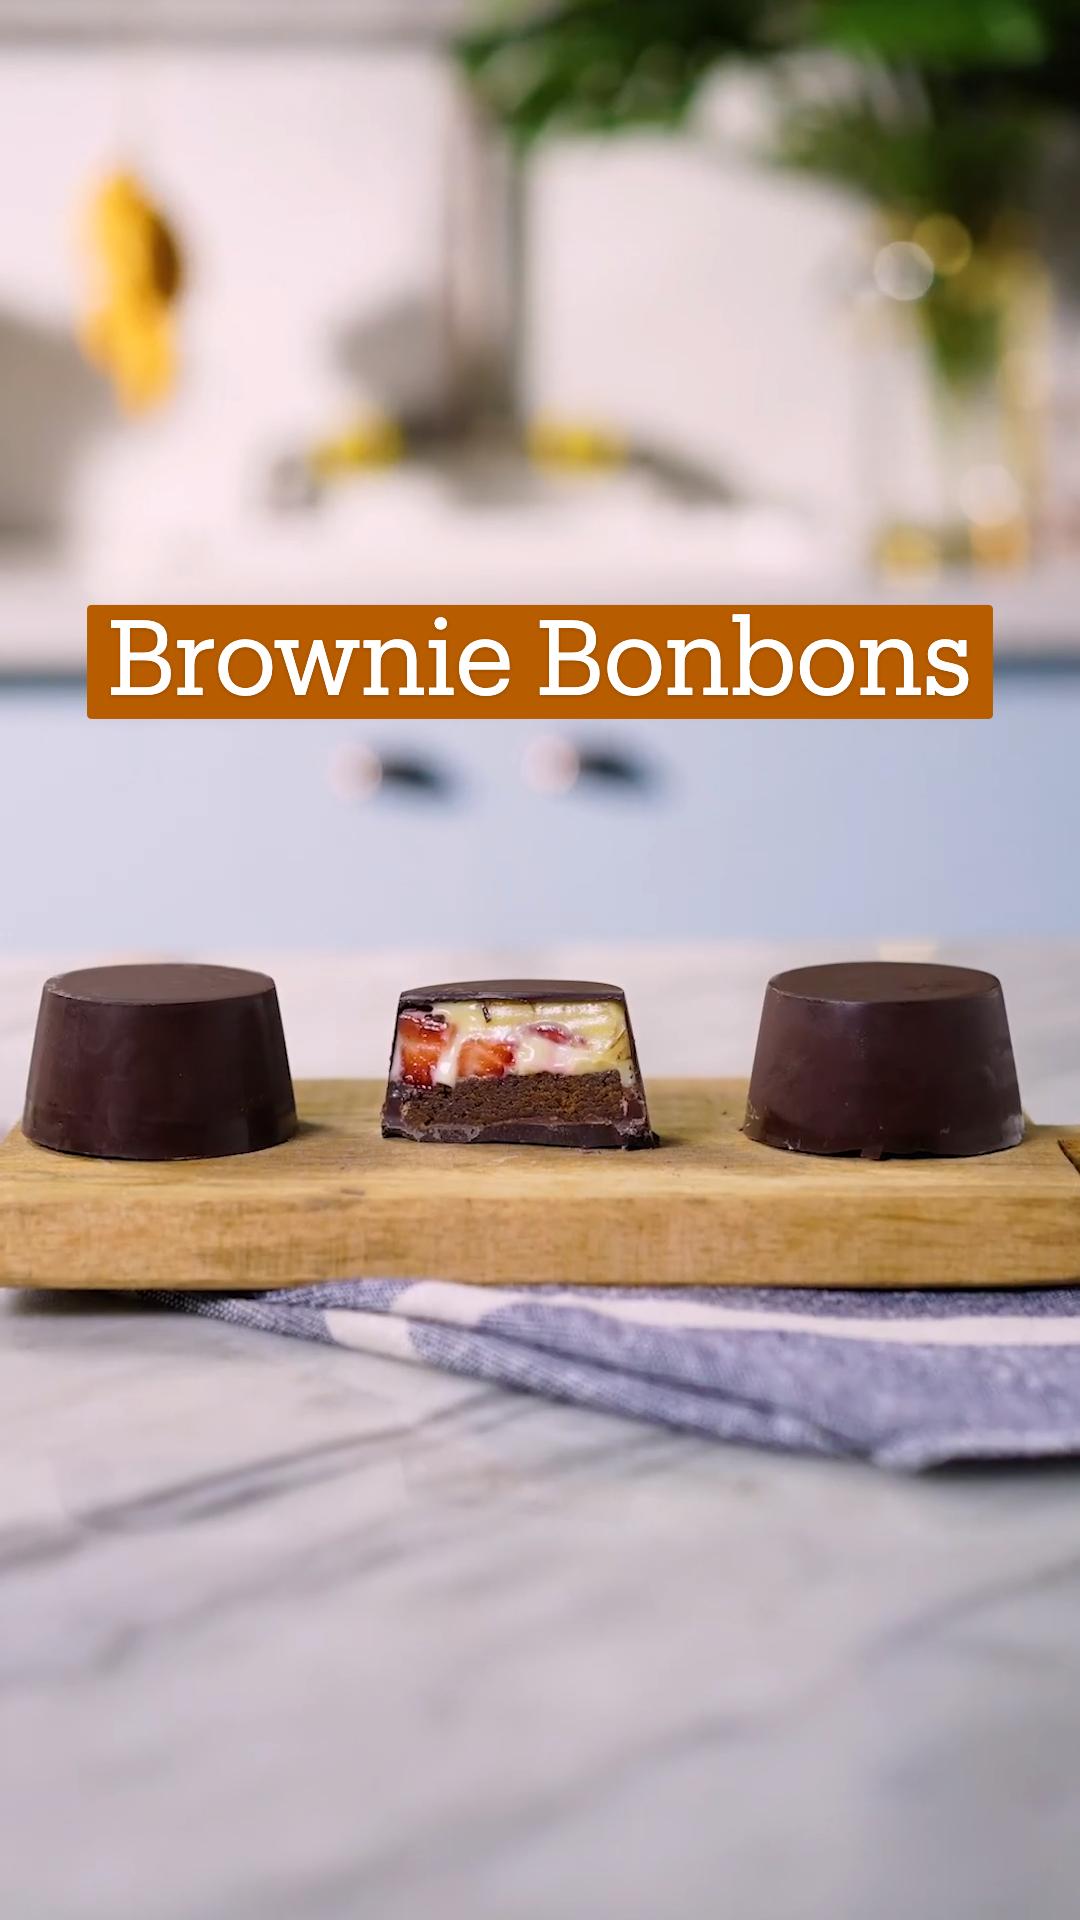 Brownie Bonbons